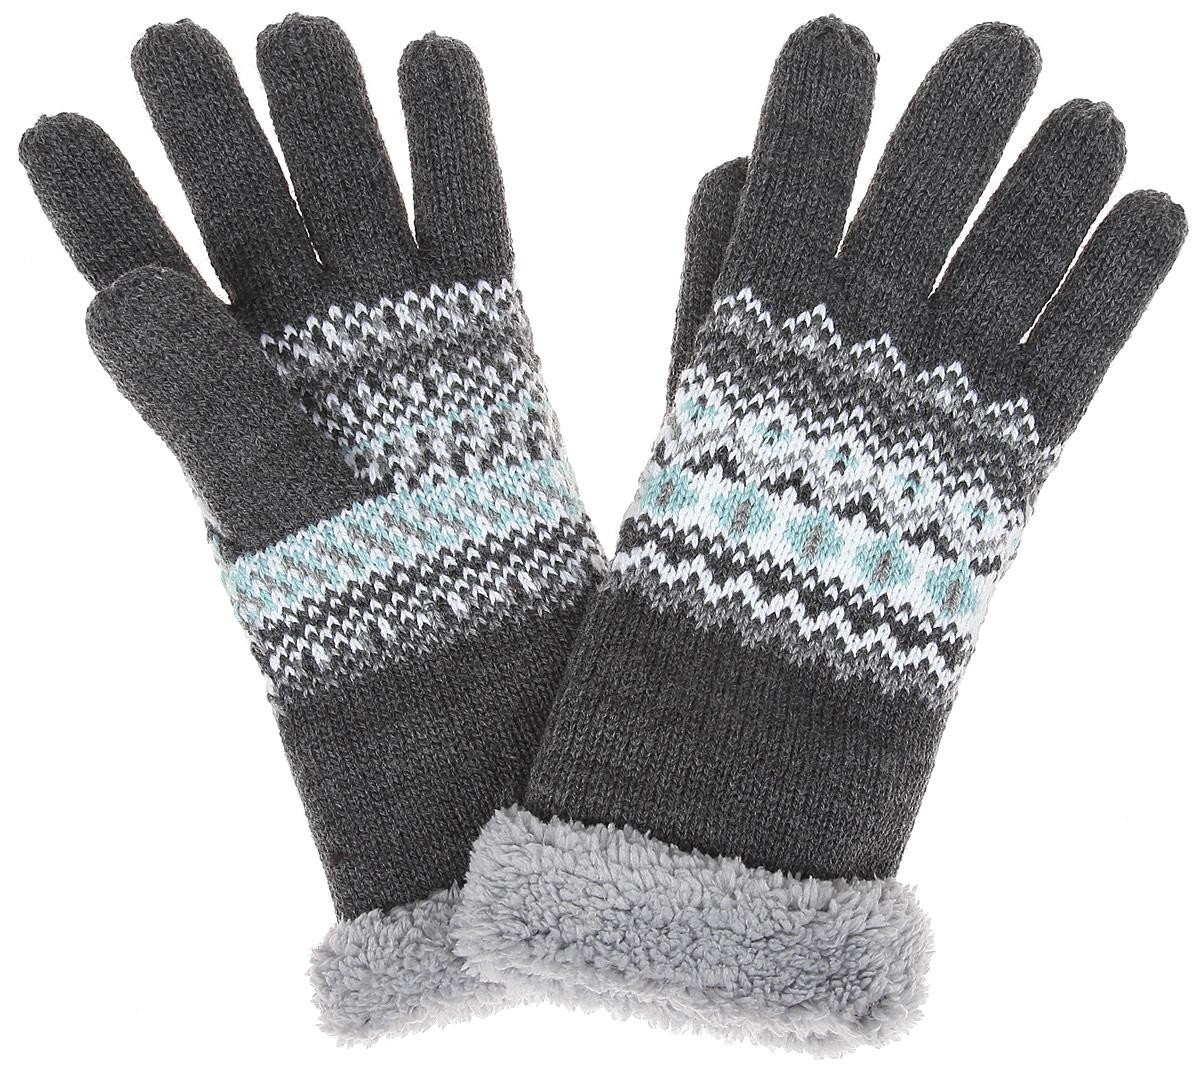 Перчатки женские. Z-RE-1814Z-RE-1814 GRAPHITE MELВязаные женские перчатки Moodo надежно защитят ваши руки от холода. Перчатки выполнены из высококачественного акрила с подкладкой из флиса. Запястье изделие дополнено крупным ворсом. Модель оформлена нежным цветным узором. Перчатки станут завершающим и подчеркивающим элементом вашего стиля и неповторимости.